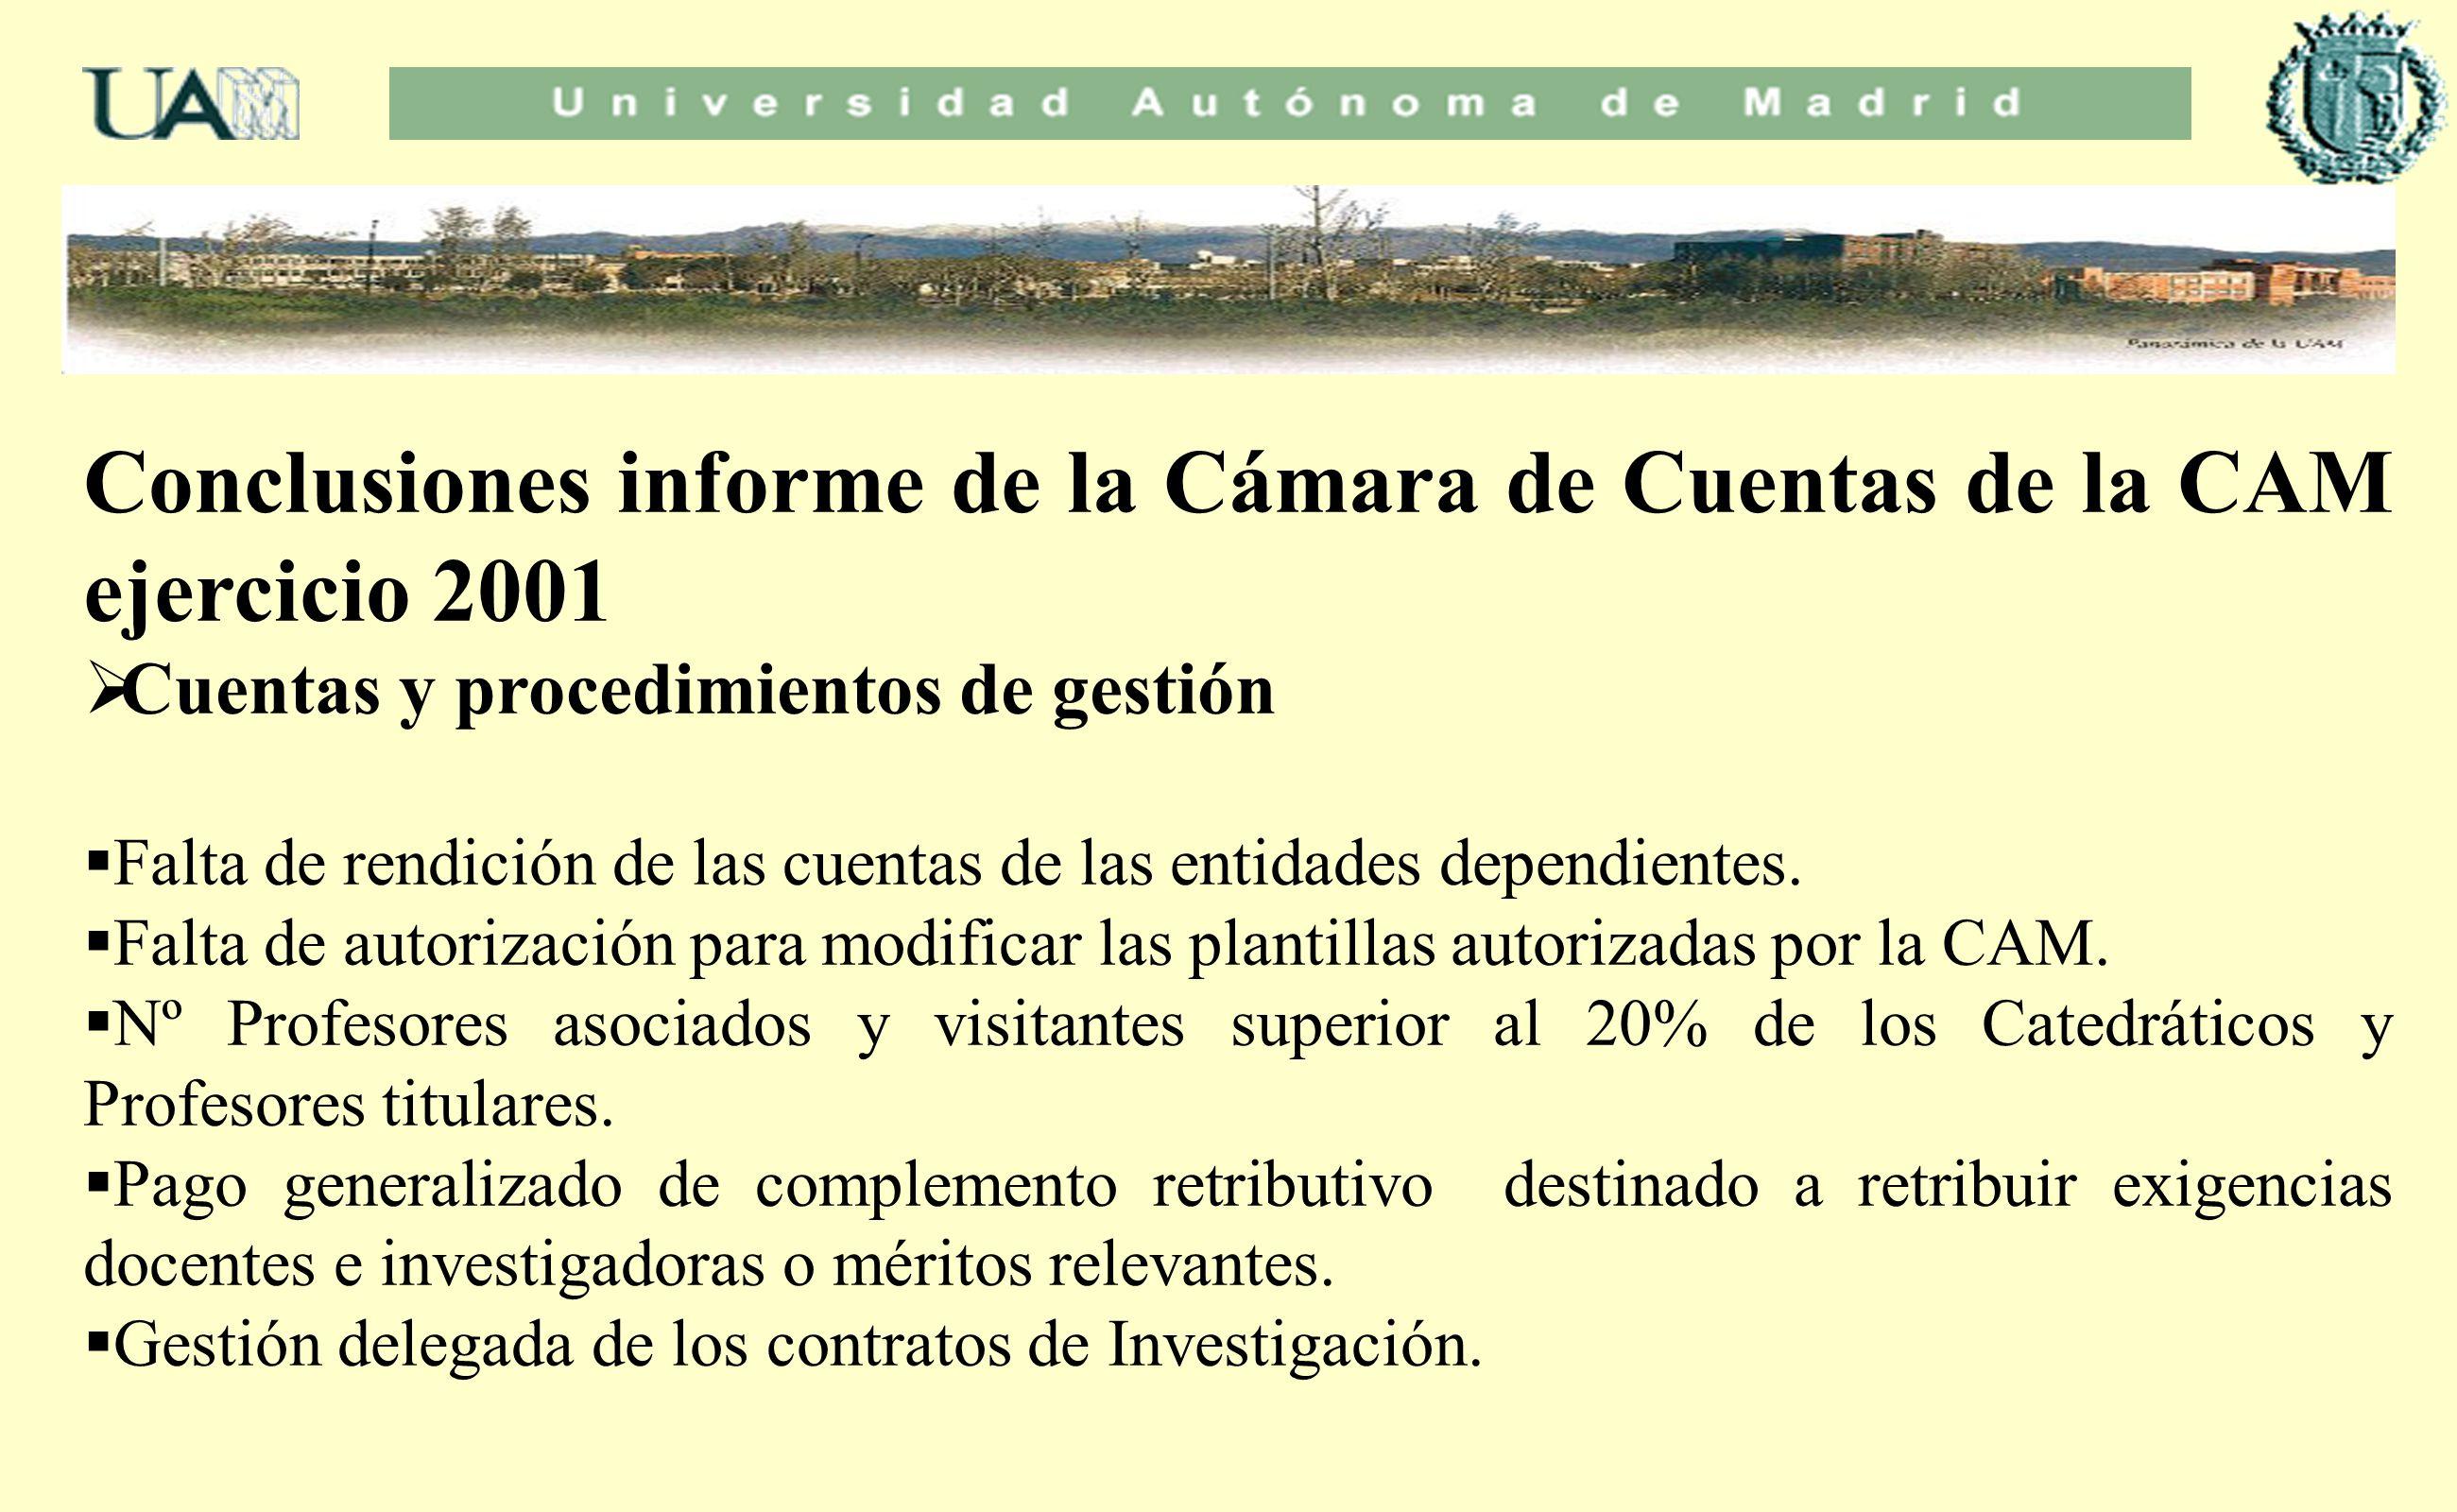 Conclusiones informe de la Cámara de Cuentas de la CAM ejercicio 2001 Cuentas y procedimientos de gestión Falta de rendición de las cuentas de las ent